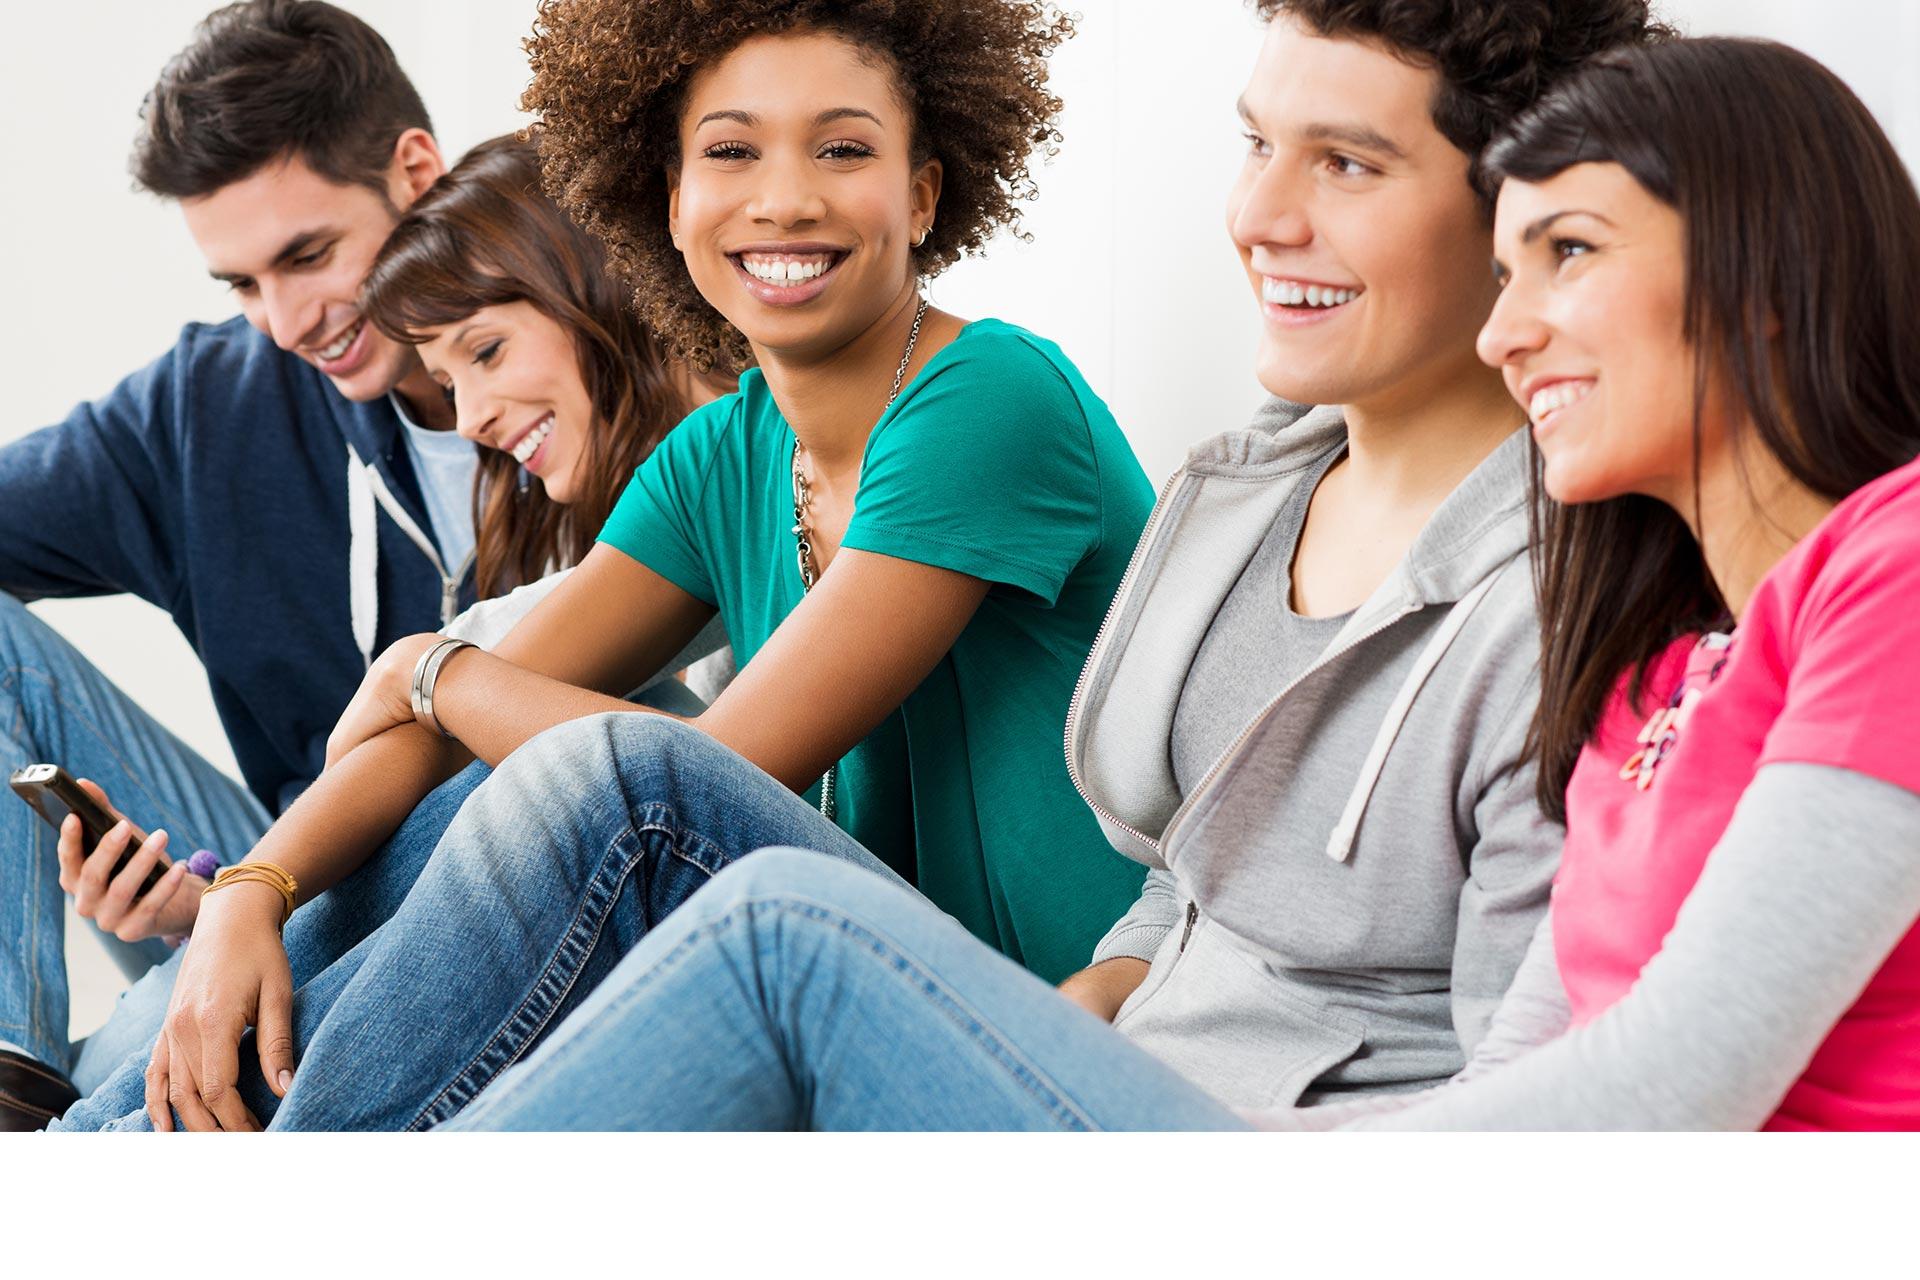 Soggiorni studio all\'estero - Work Experience   Educraft Bologna